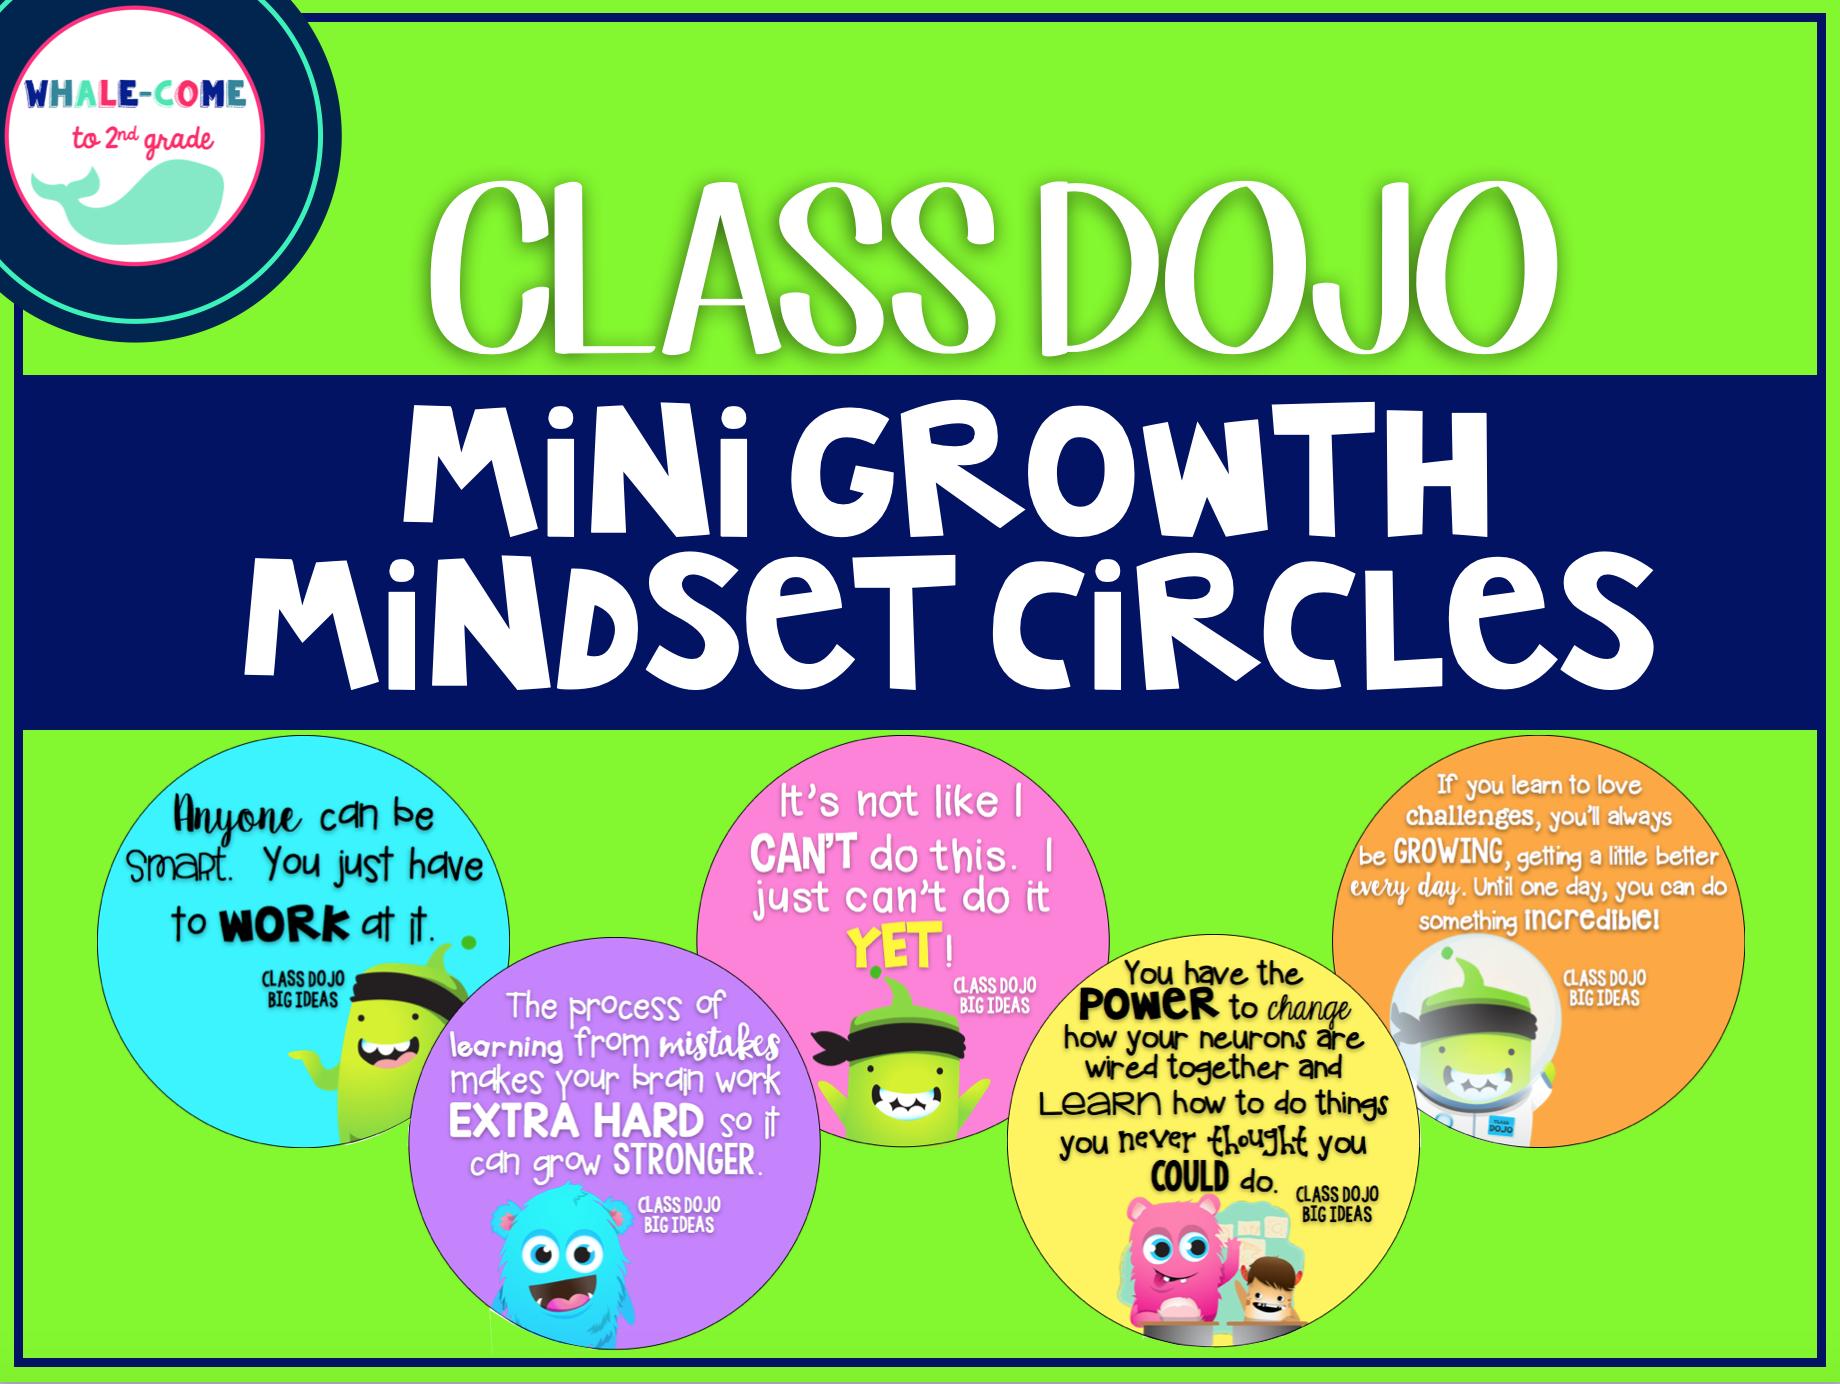 Class Dojo Growth Mindset Circles to